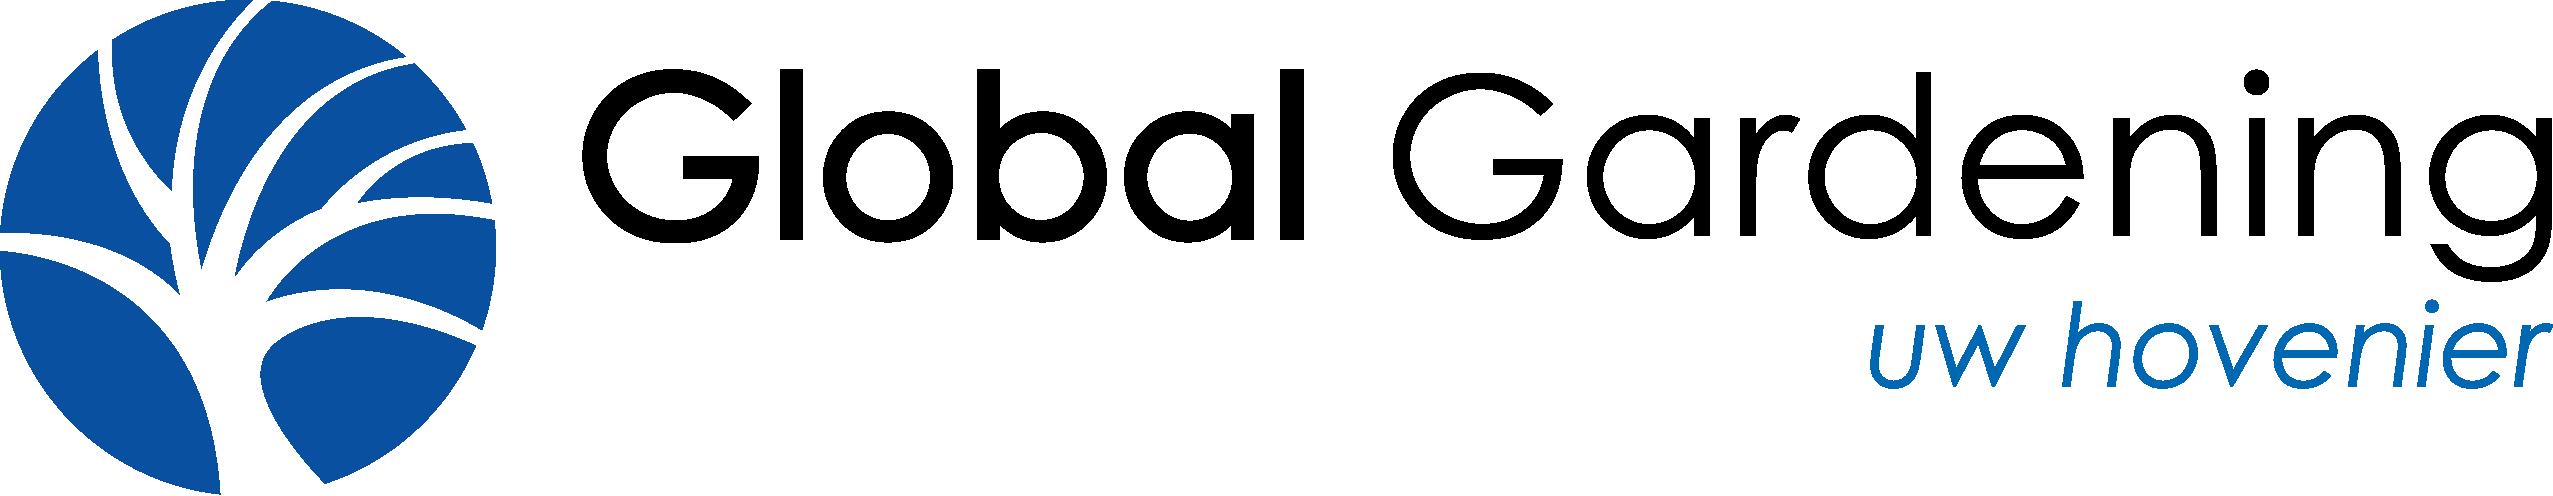 Global Gardening uw hovenier logo